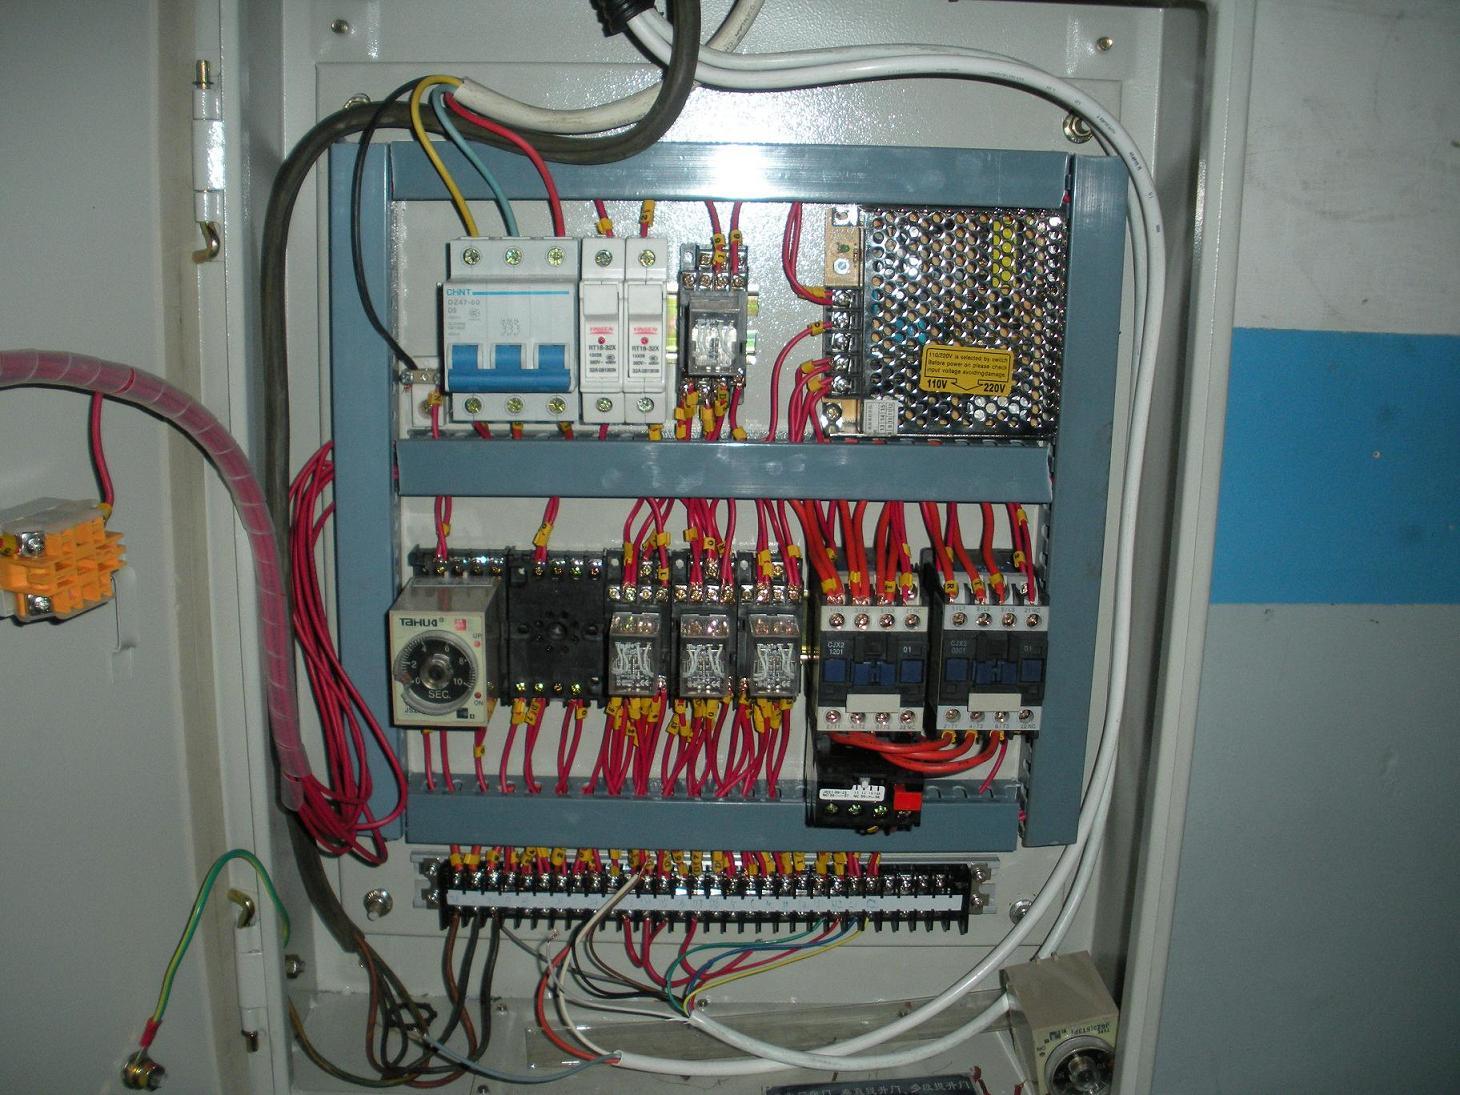 我司生产快速卷帘门,需要用快速卷帘门控制系统,(不要变频器)希望大侠